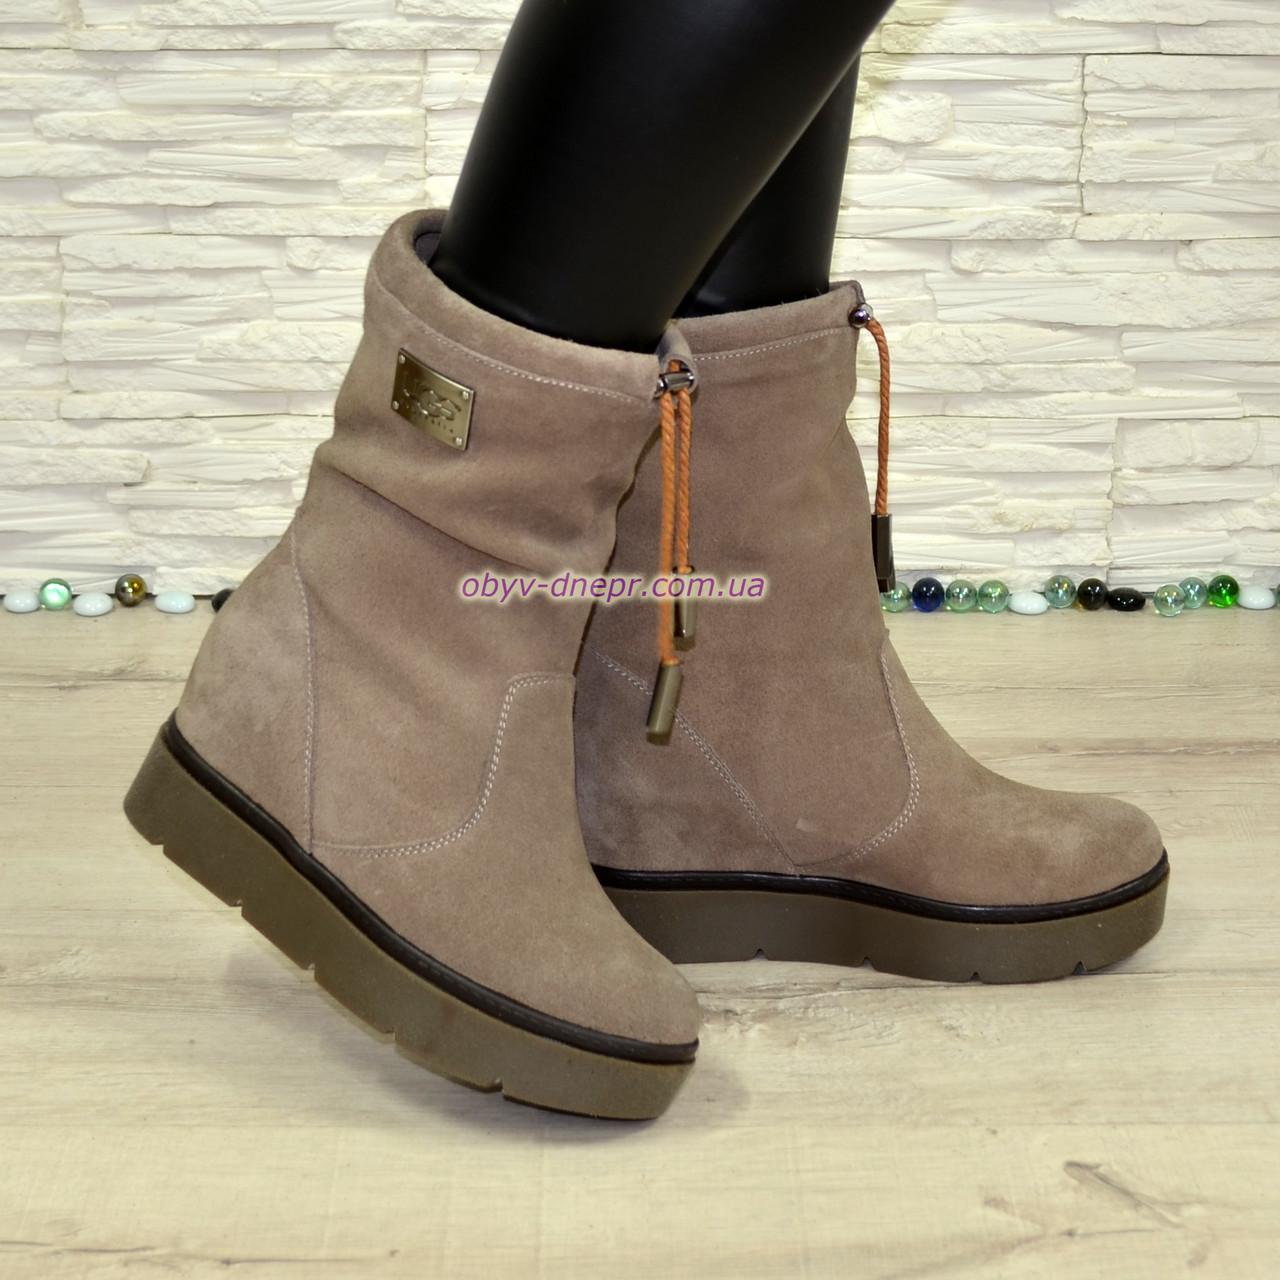 Ботинки замшевые зимние свободного обувания, на скрытой танкетке, цвет бежевый